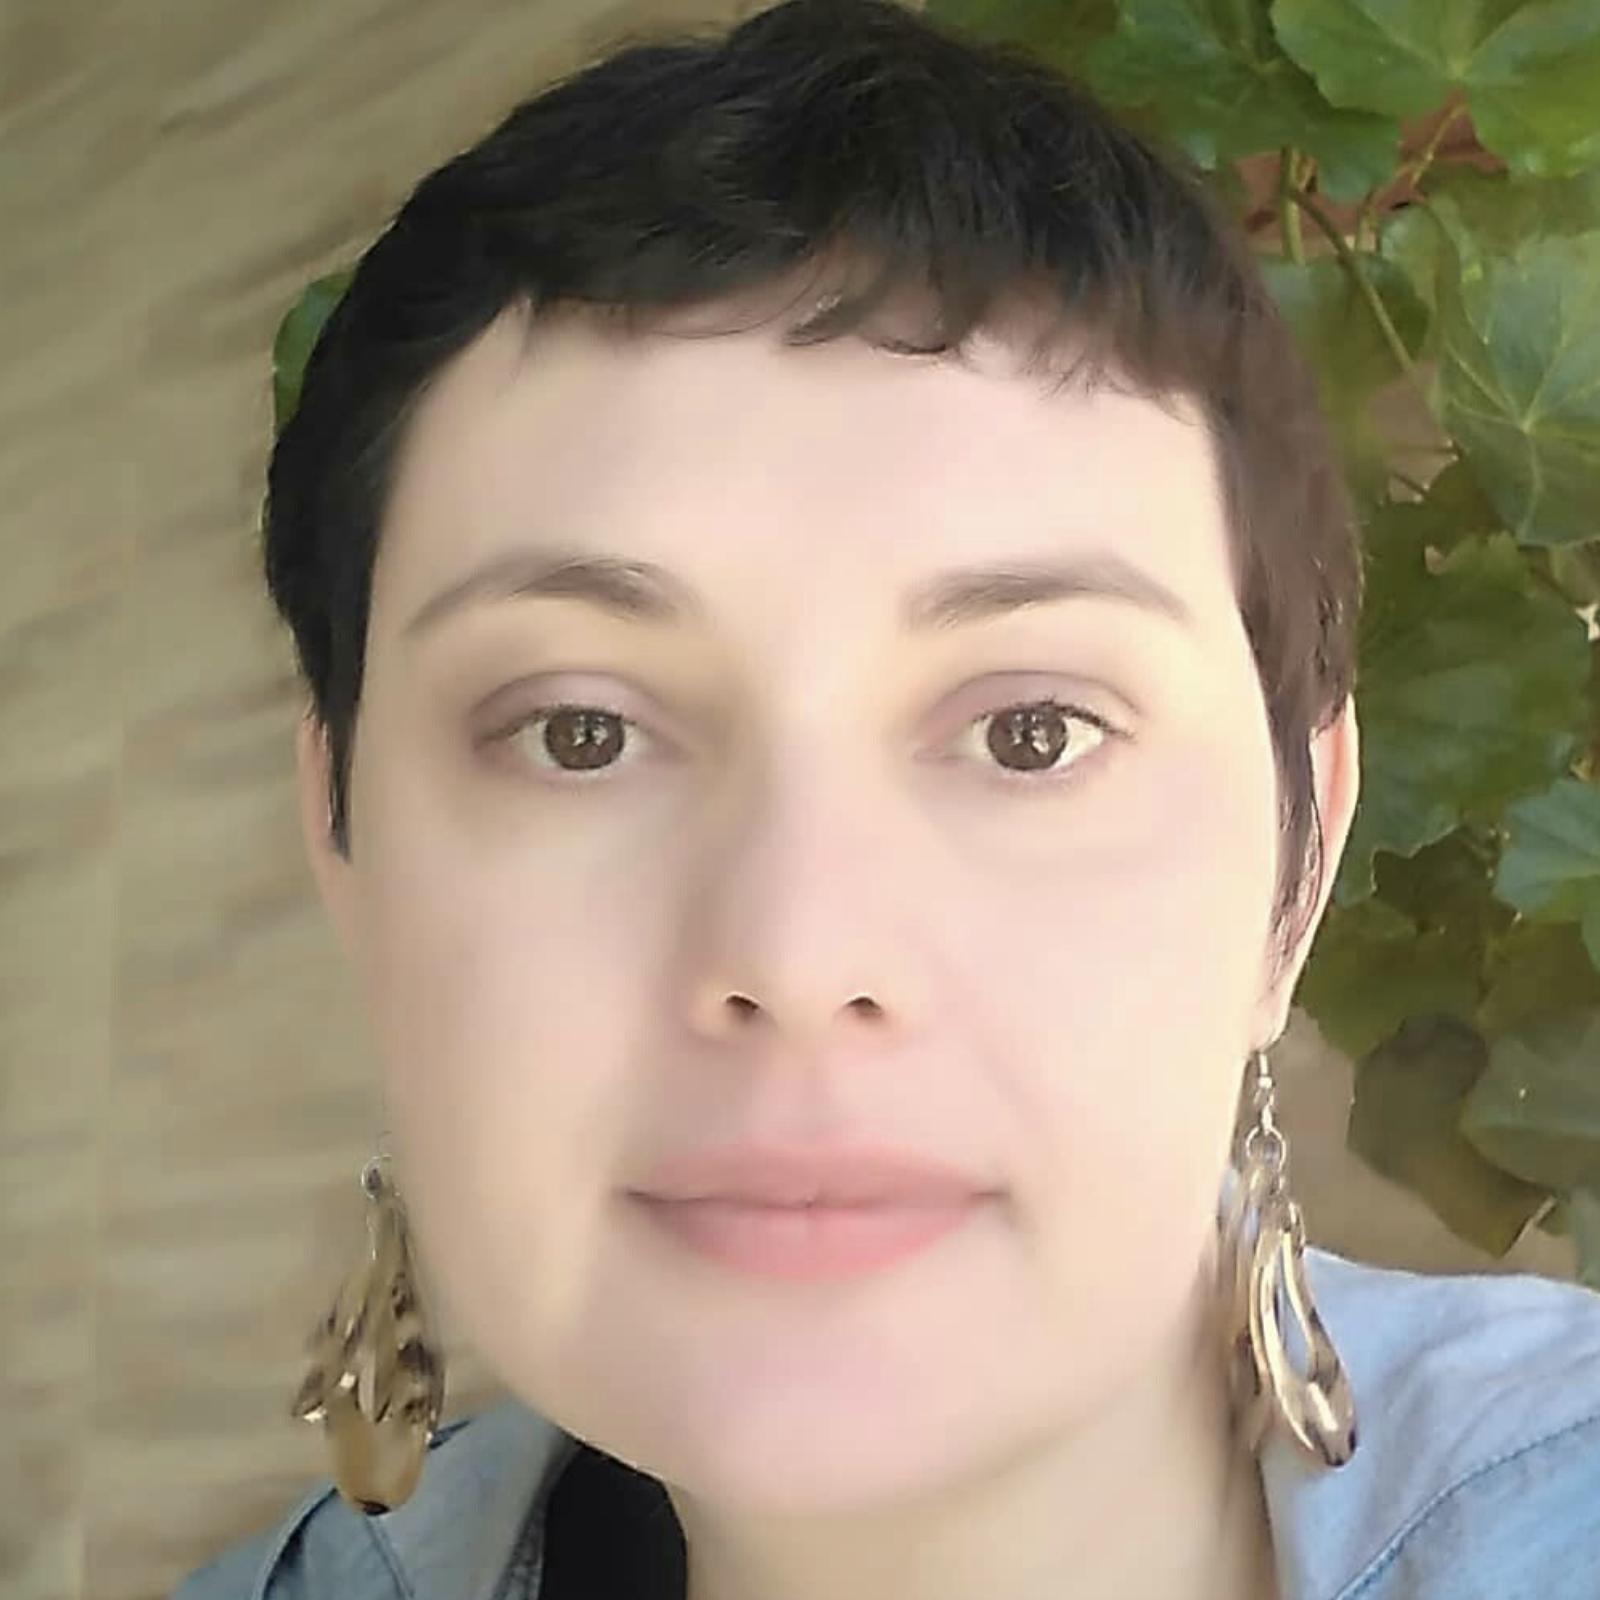 Patricia Muniz